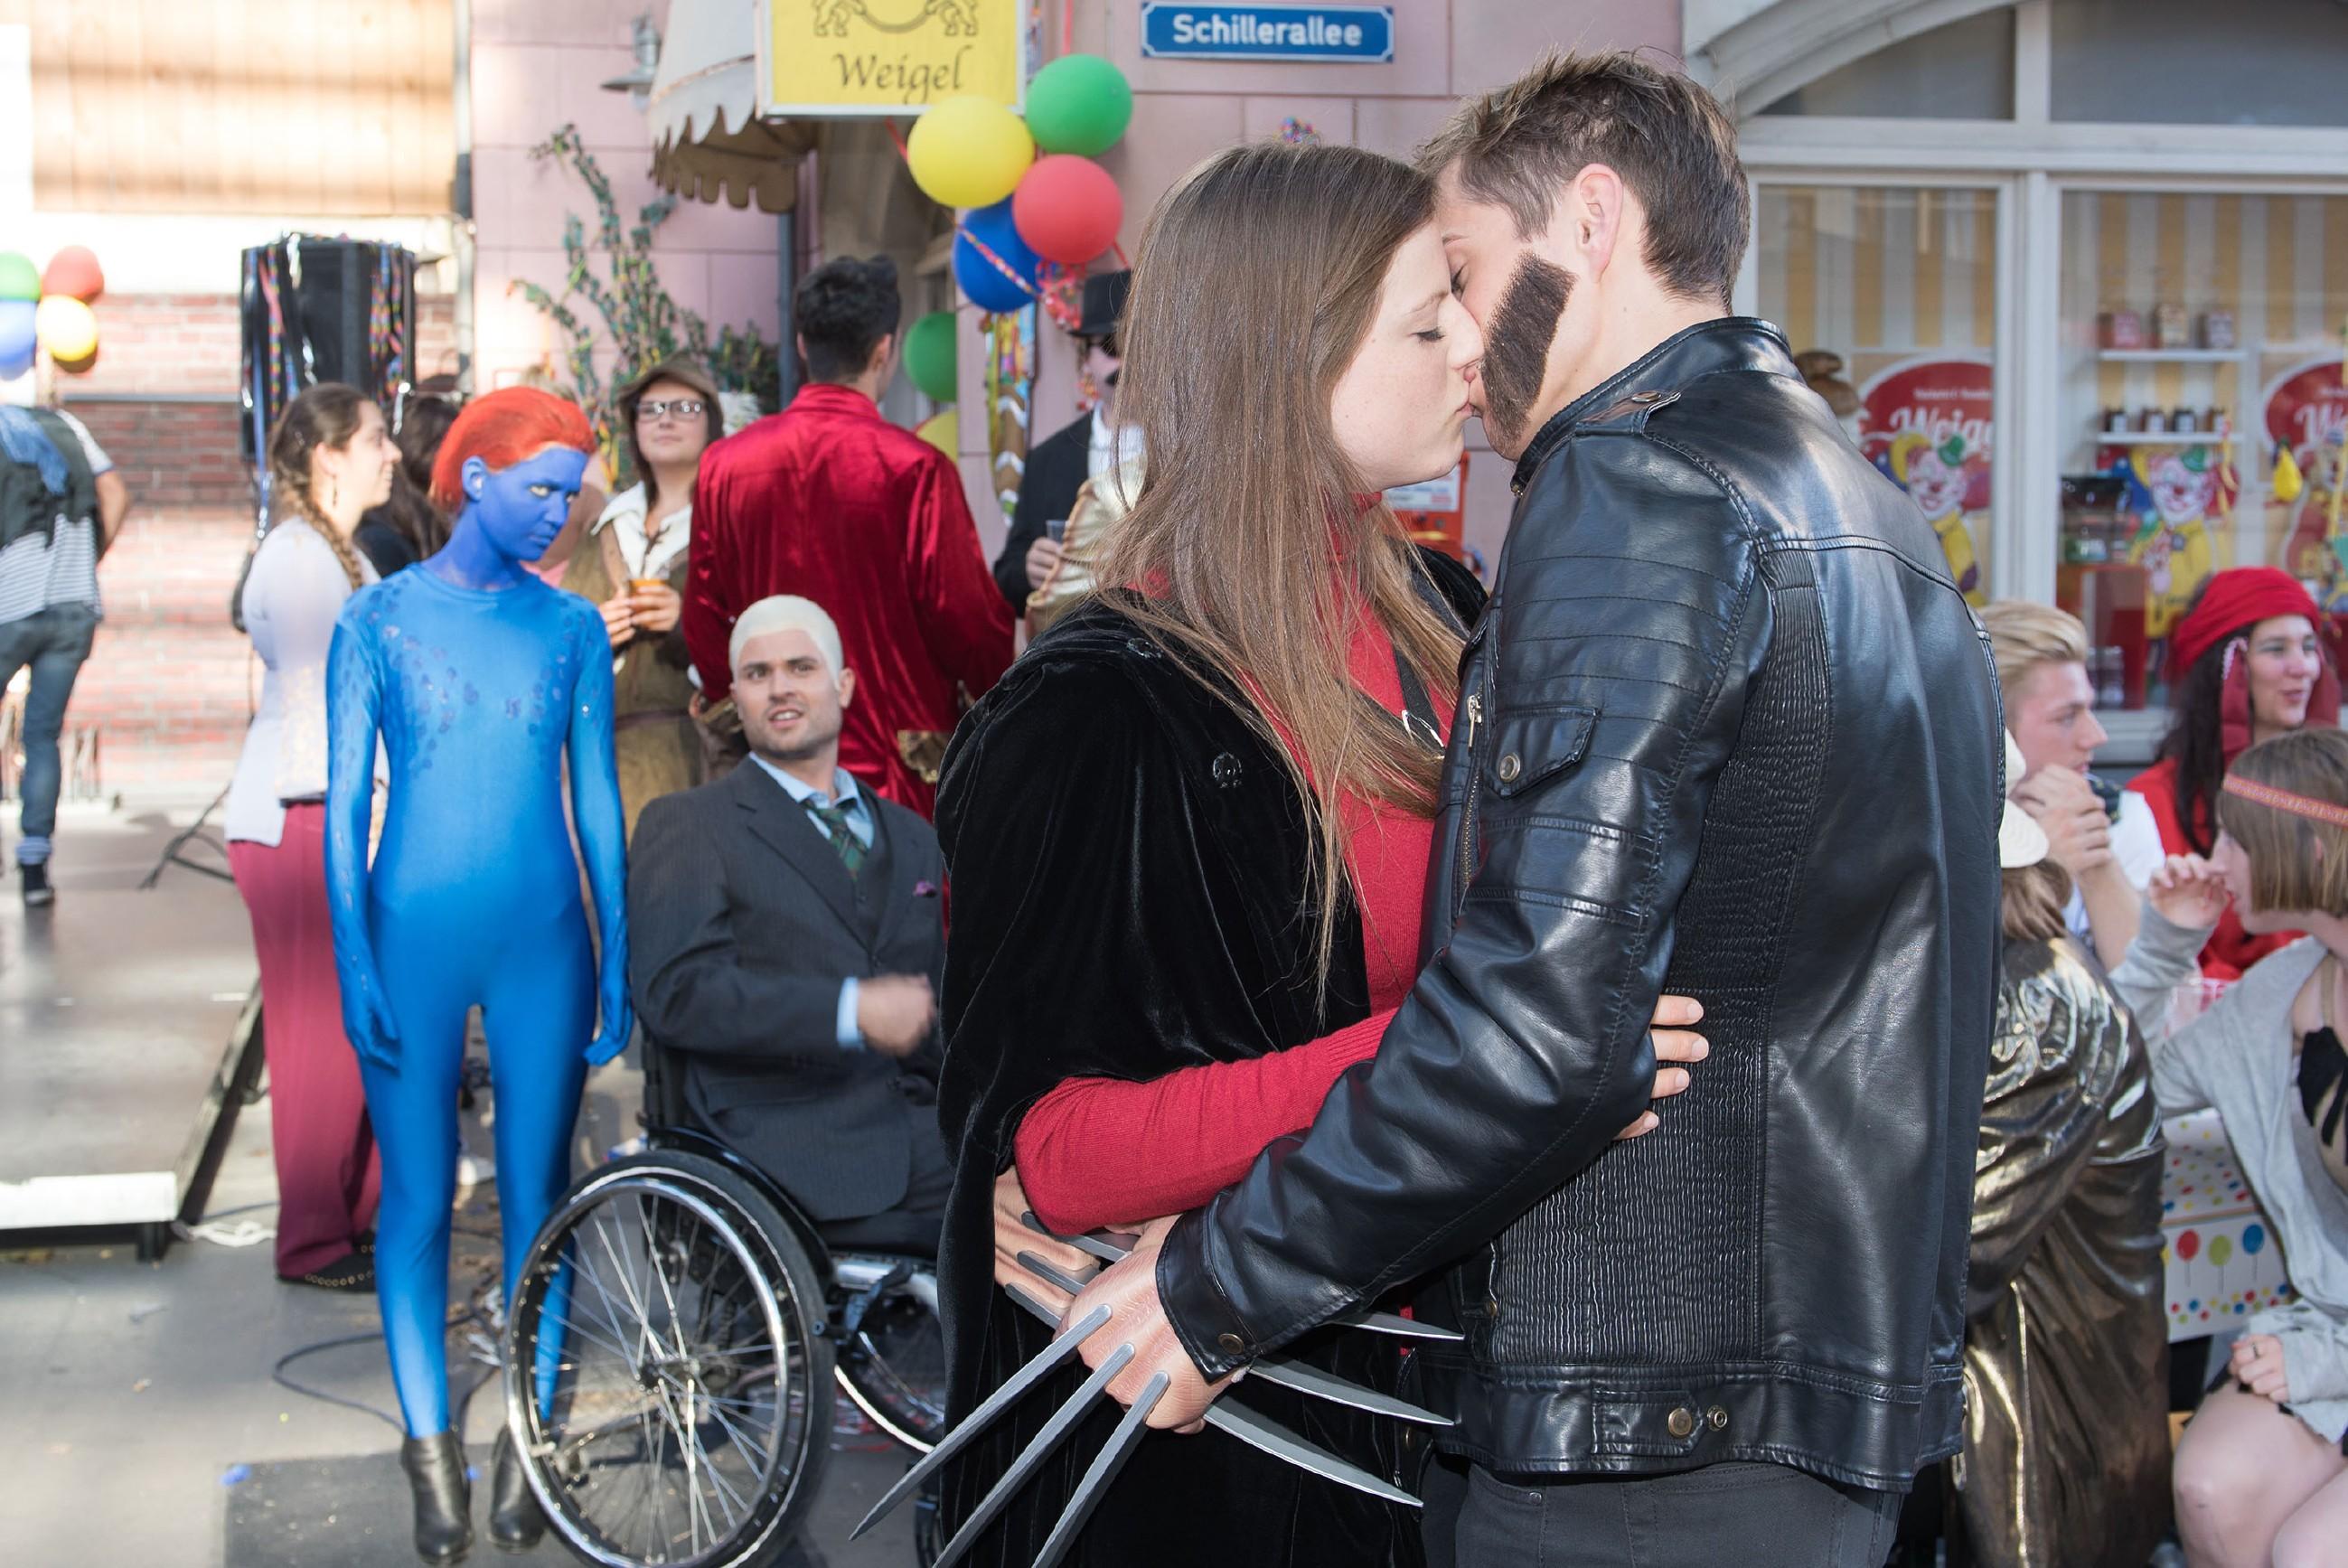 Jule (Amrei Haardt, l.) und Paco (Milos Vukovic, 2.v.l.) beobachten mit gemischten Gefühlen, wie Elli (Nora Koppen) im Karnevalsgetümmel mit Ringo (Timothy Boldt) knutscht. (Quelle: RTL / Stefan Behrens)